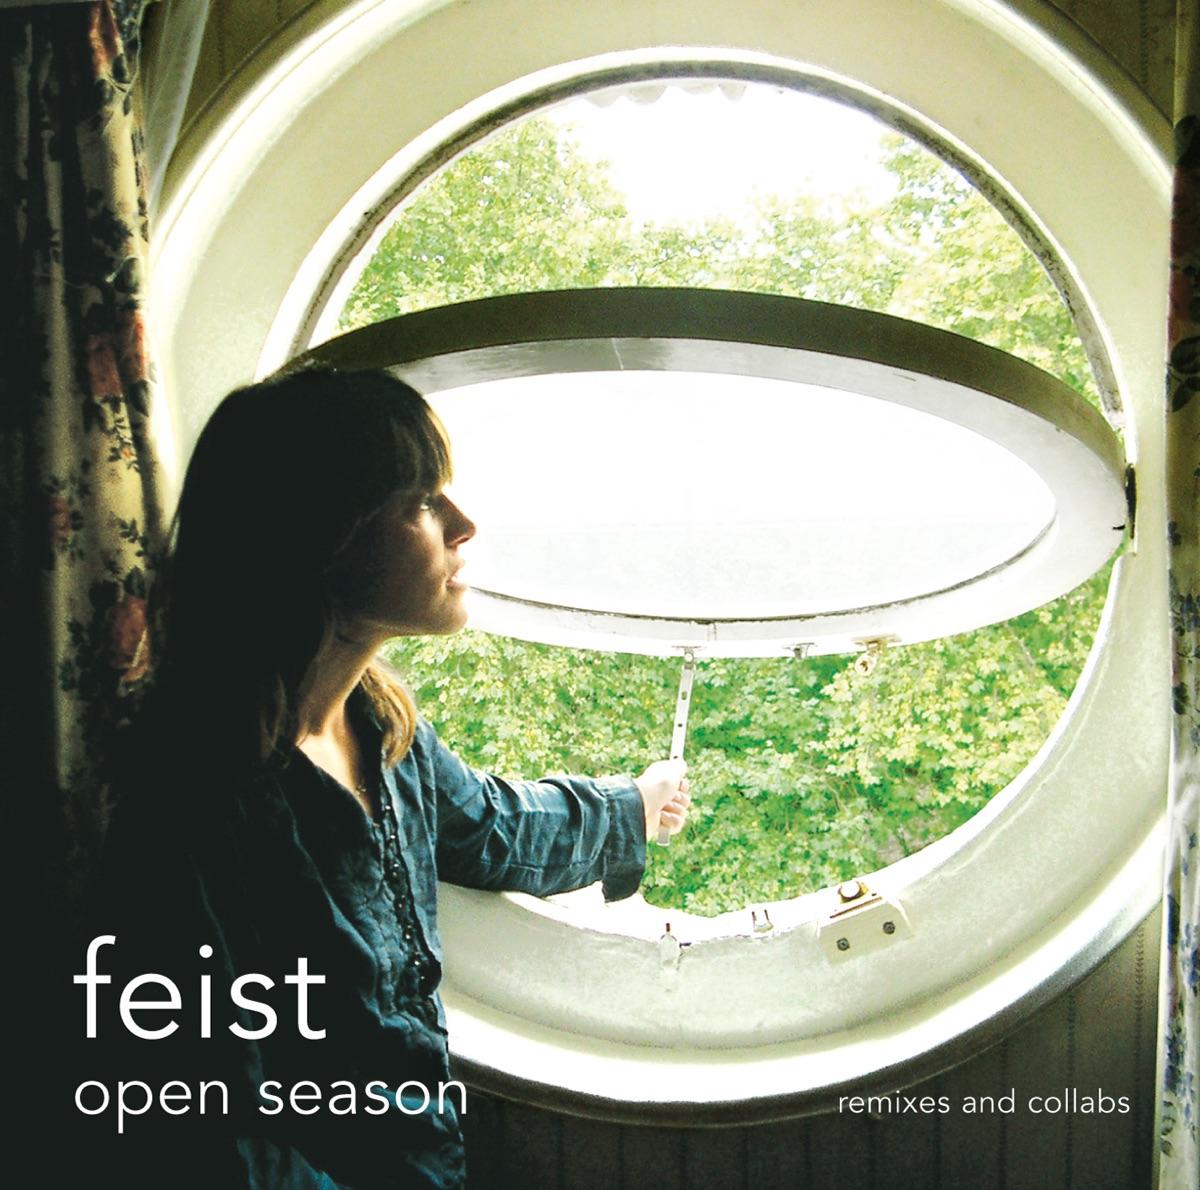 Open Season Feist CD cover